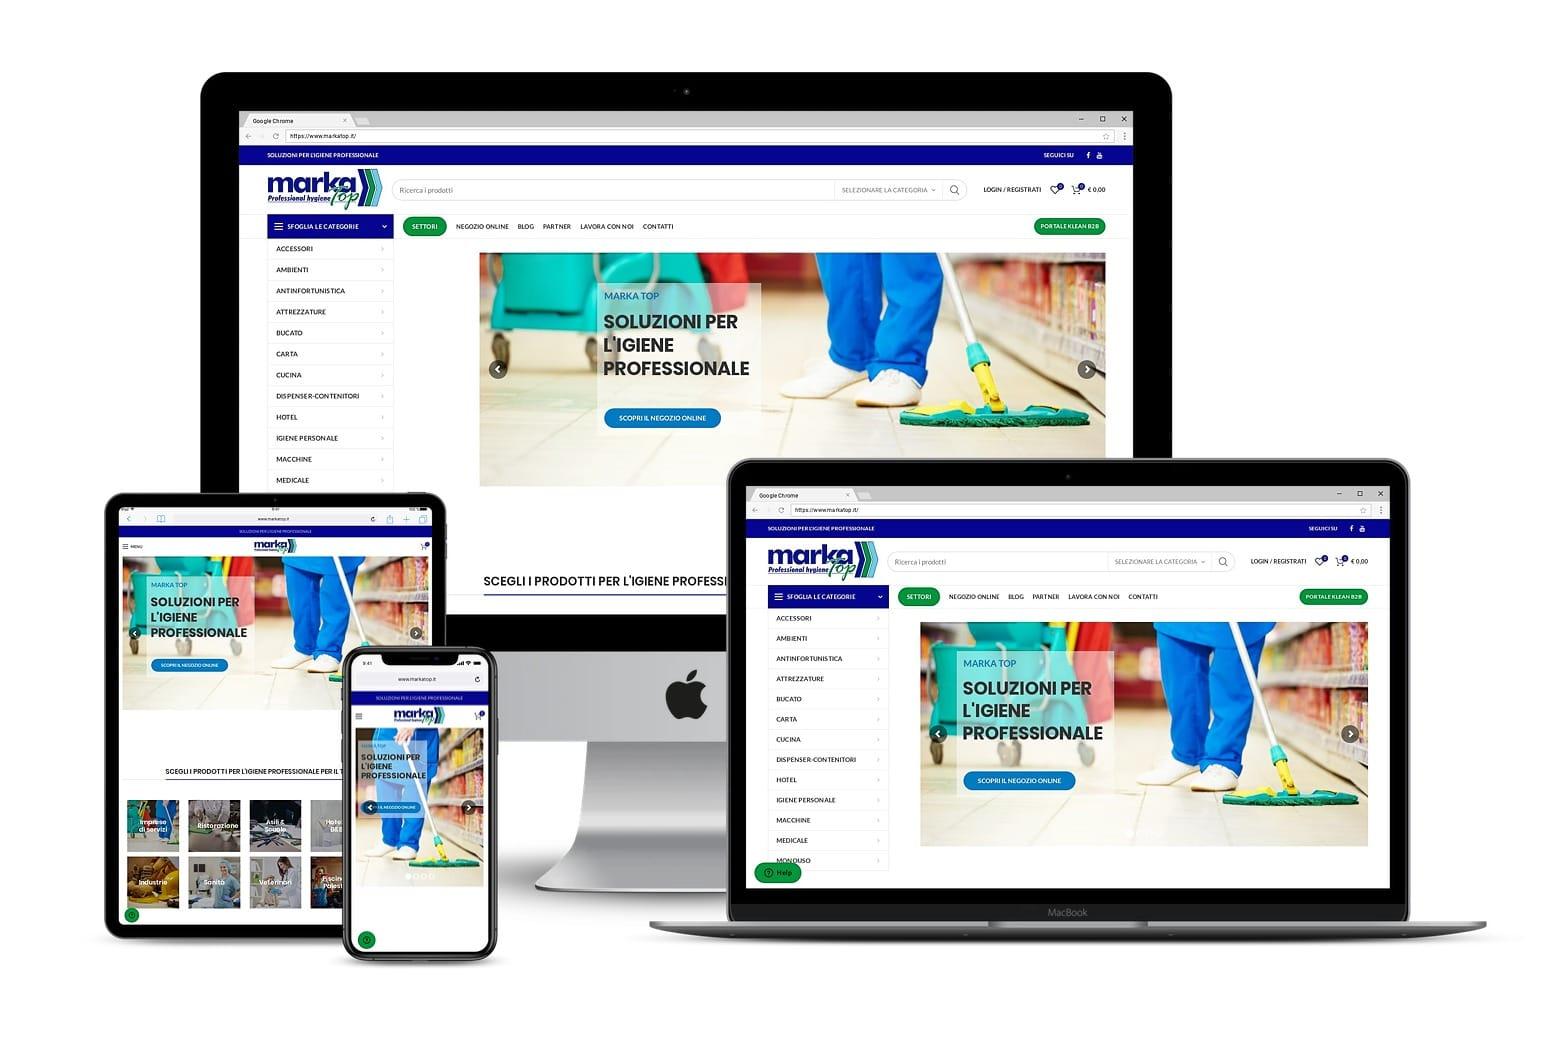 Sito Ecommerce vendita prodotti igiene professionaleLink: www.markatop.it